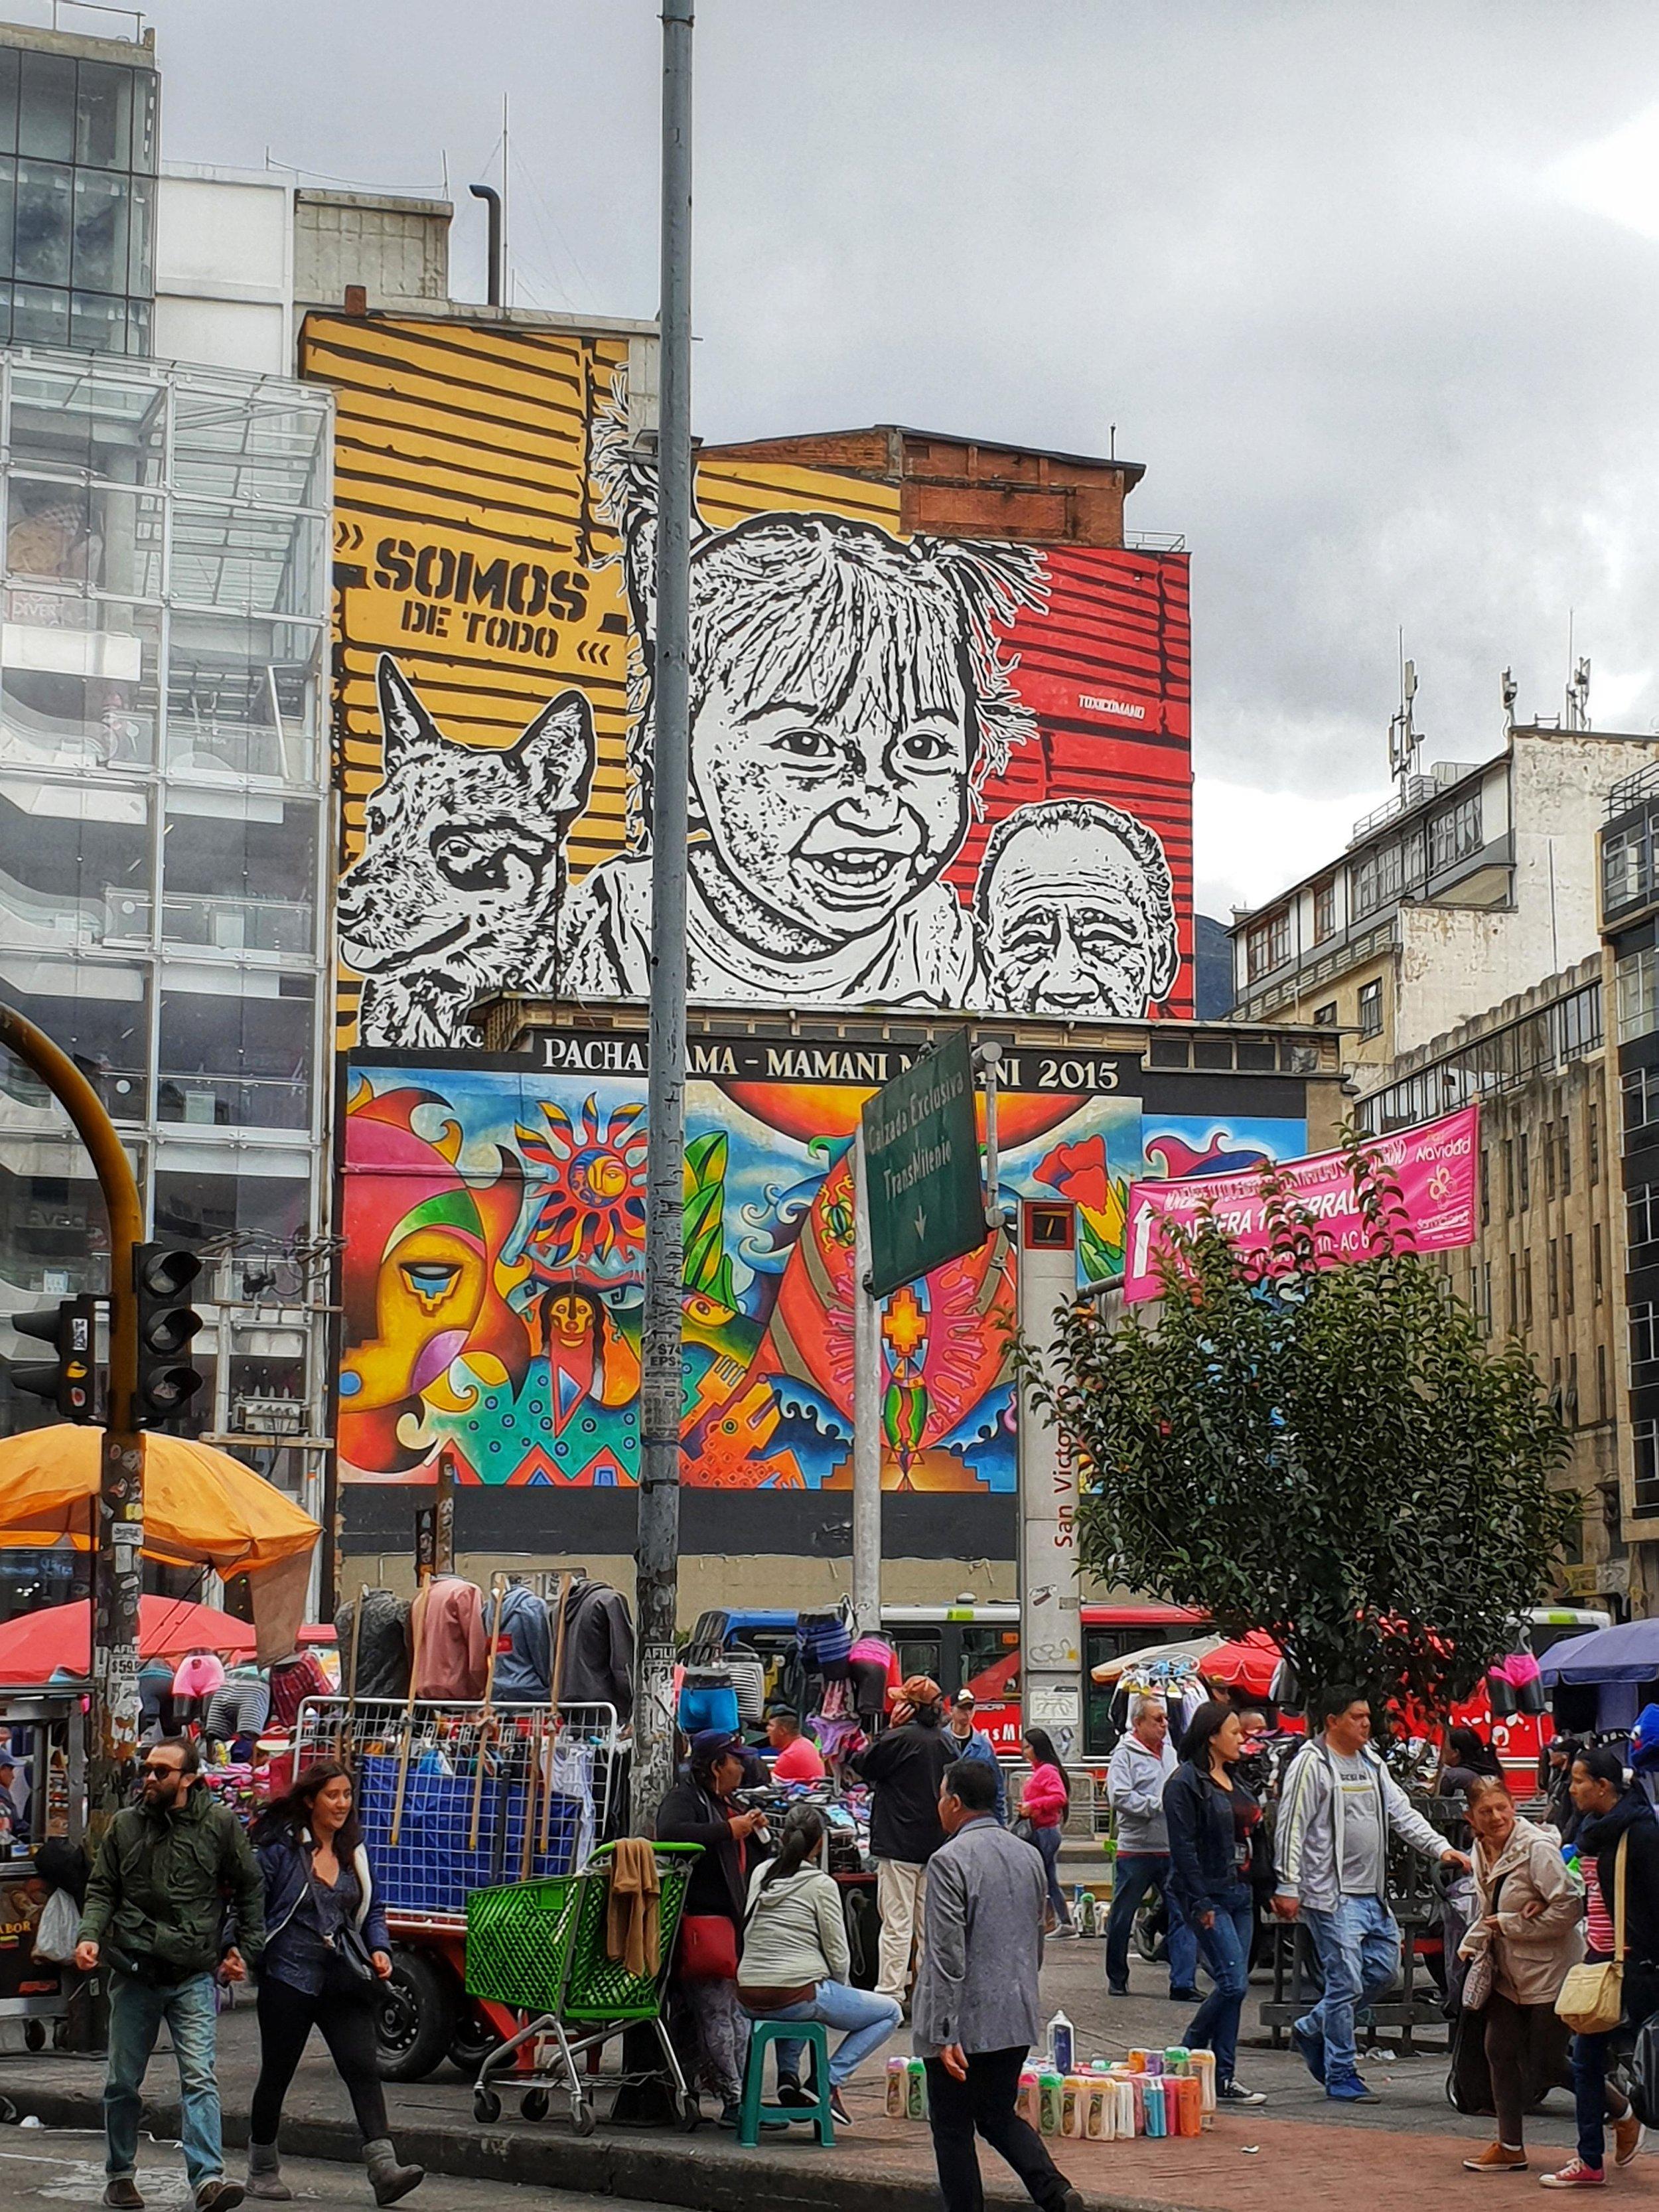 Colombia's graffiti capital, Botoga